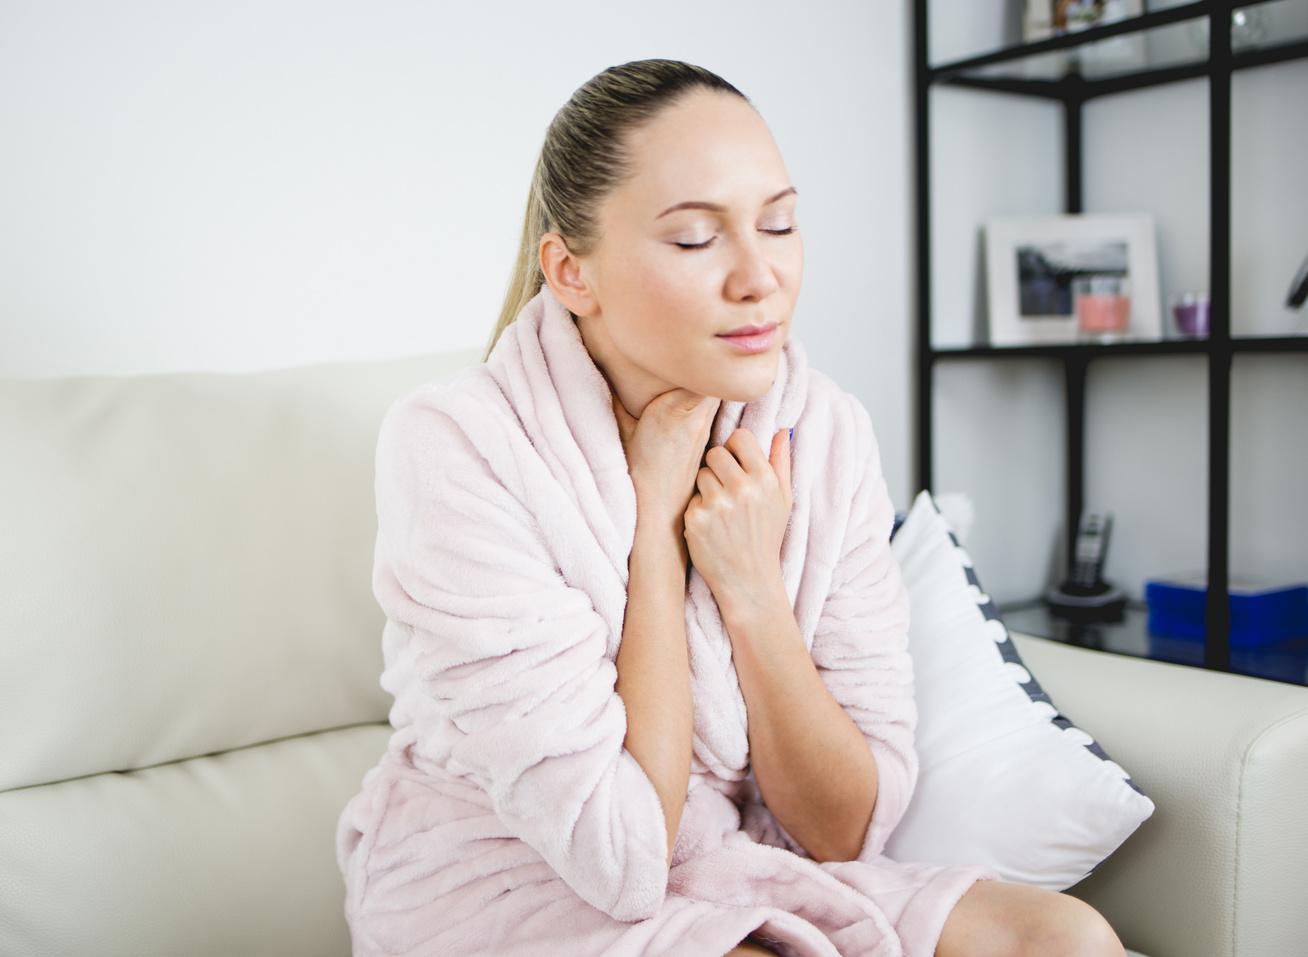 gyakori torokköszörülés, allergiás tünetek